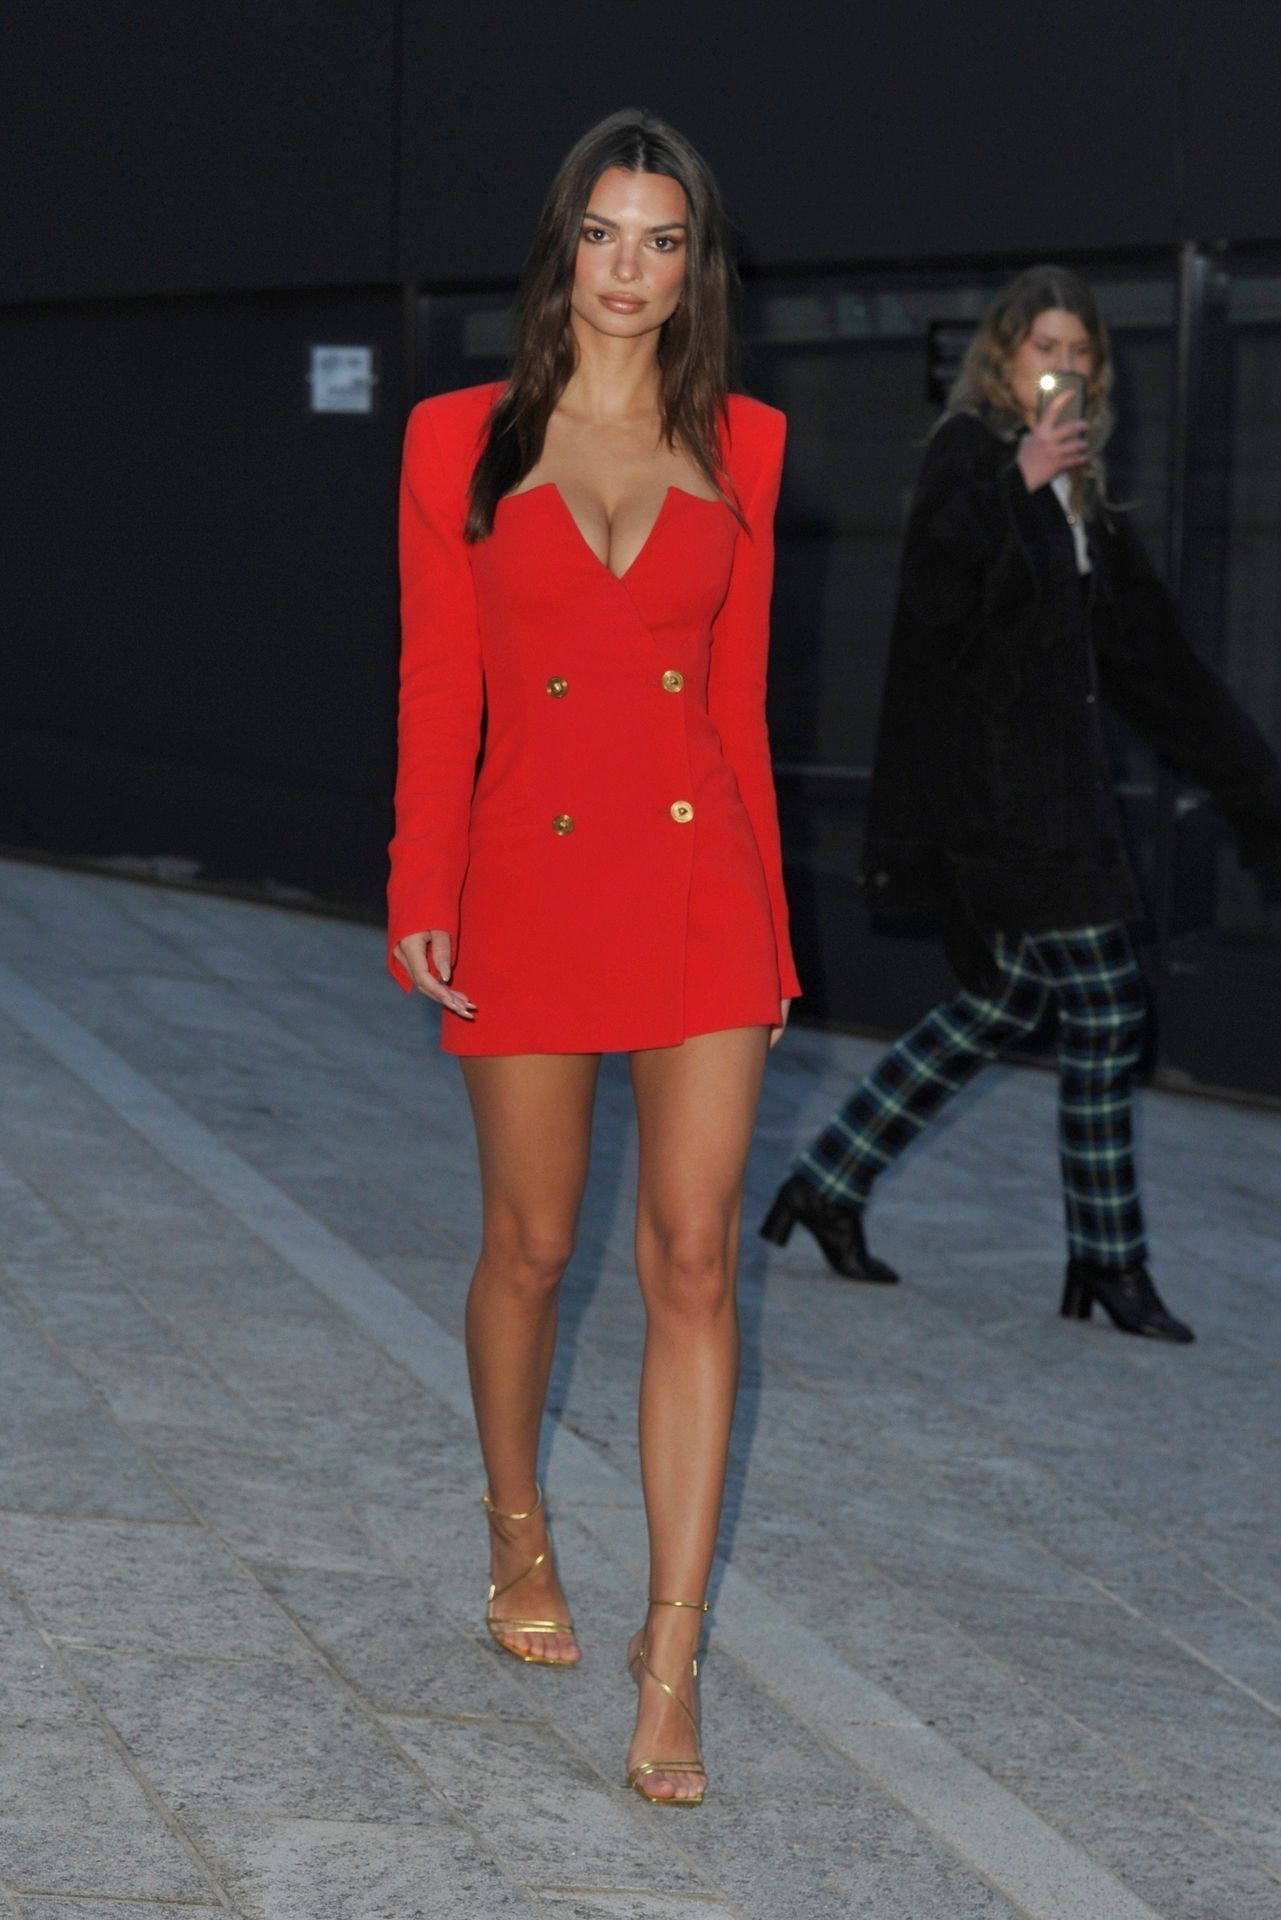 Emily Ratajkowski Stuns At The Versace Fashion Show During Milan Fashion Week 0068